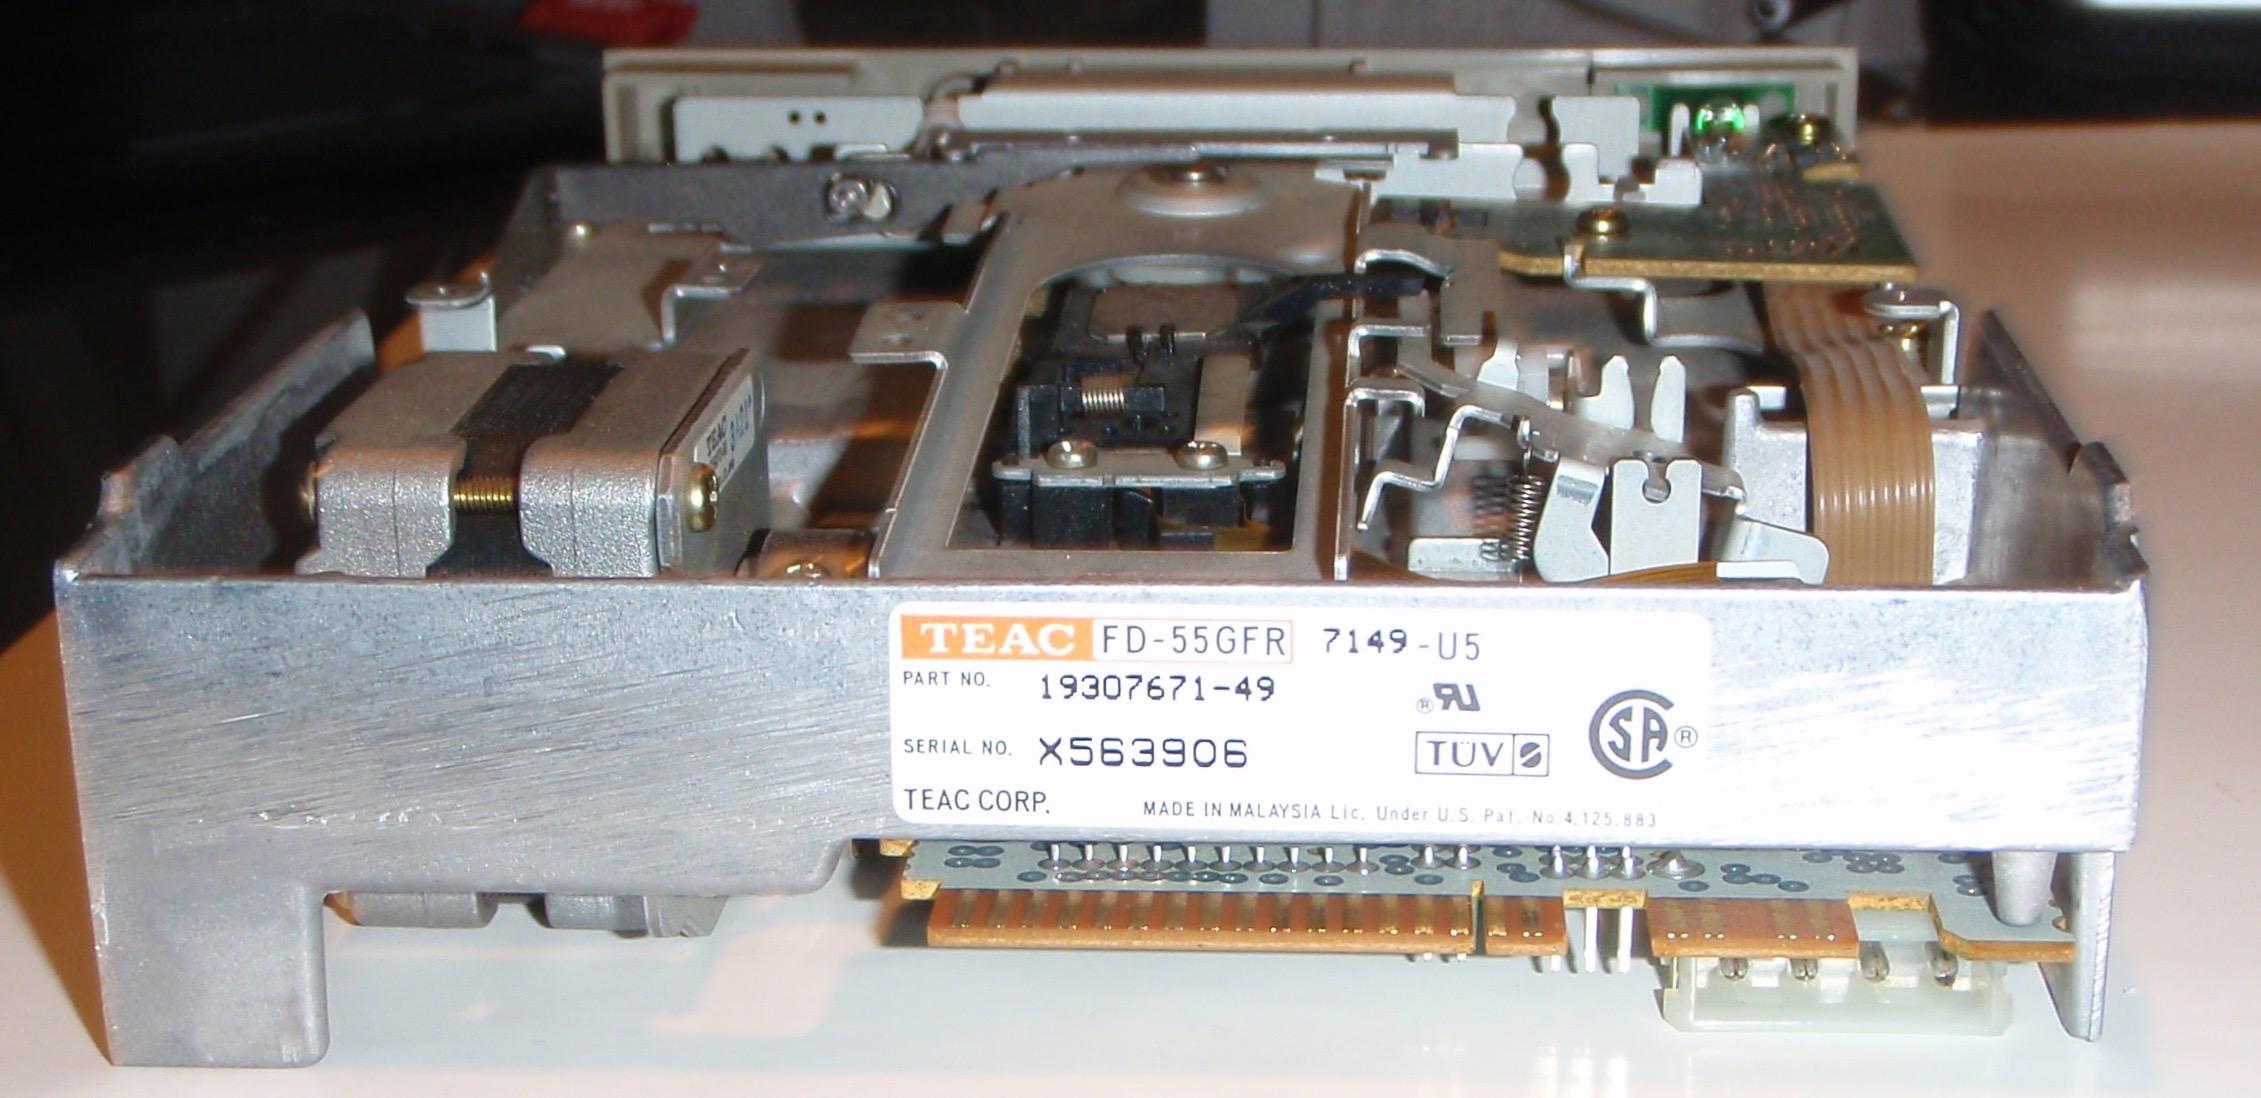 TEAC FD-55GFR derrière